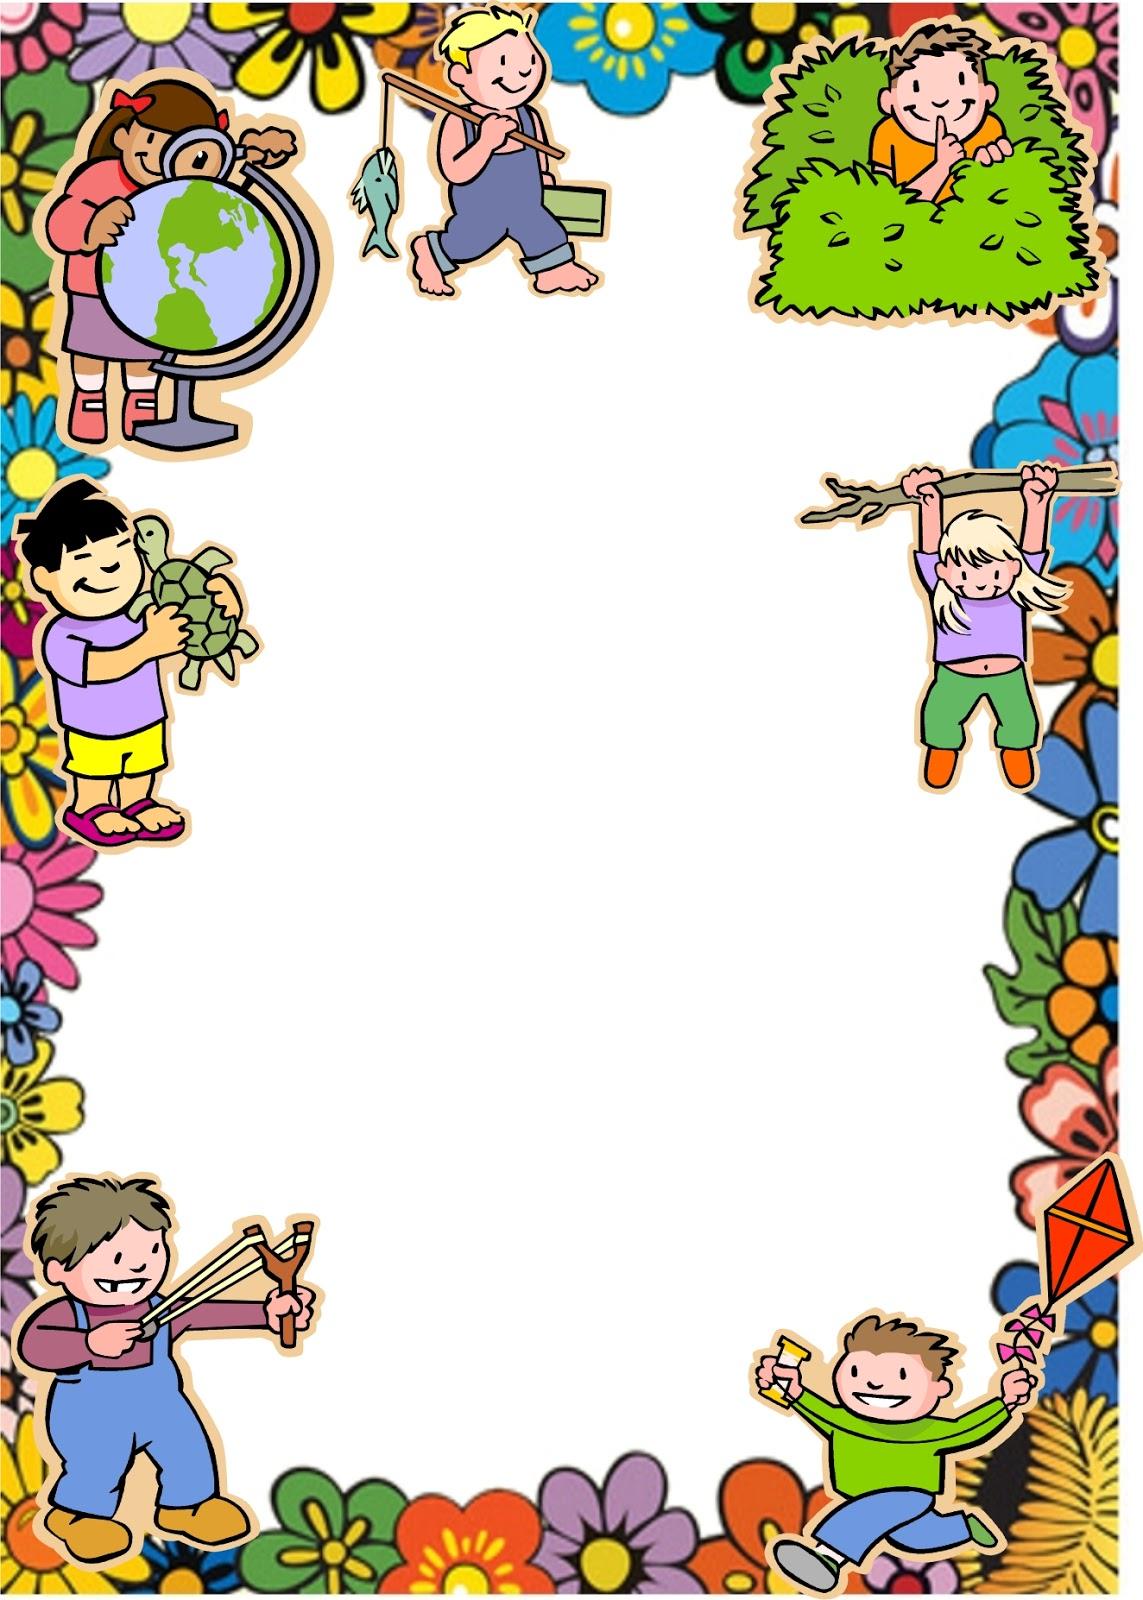 12 Caratulas para Cuadernos para Nenas – Carátulas para Cuadernos